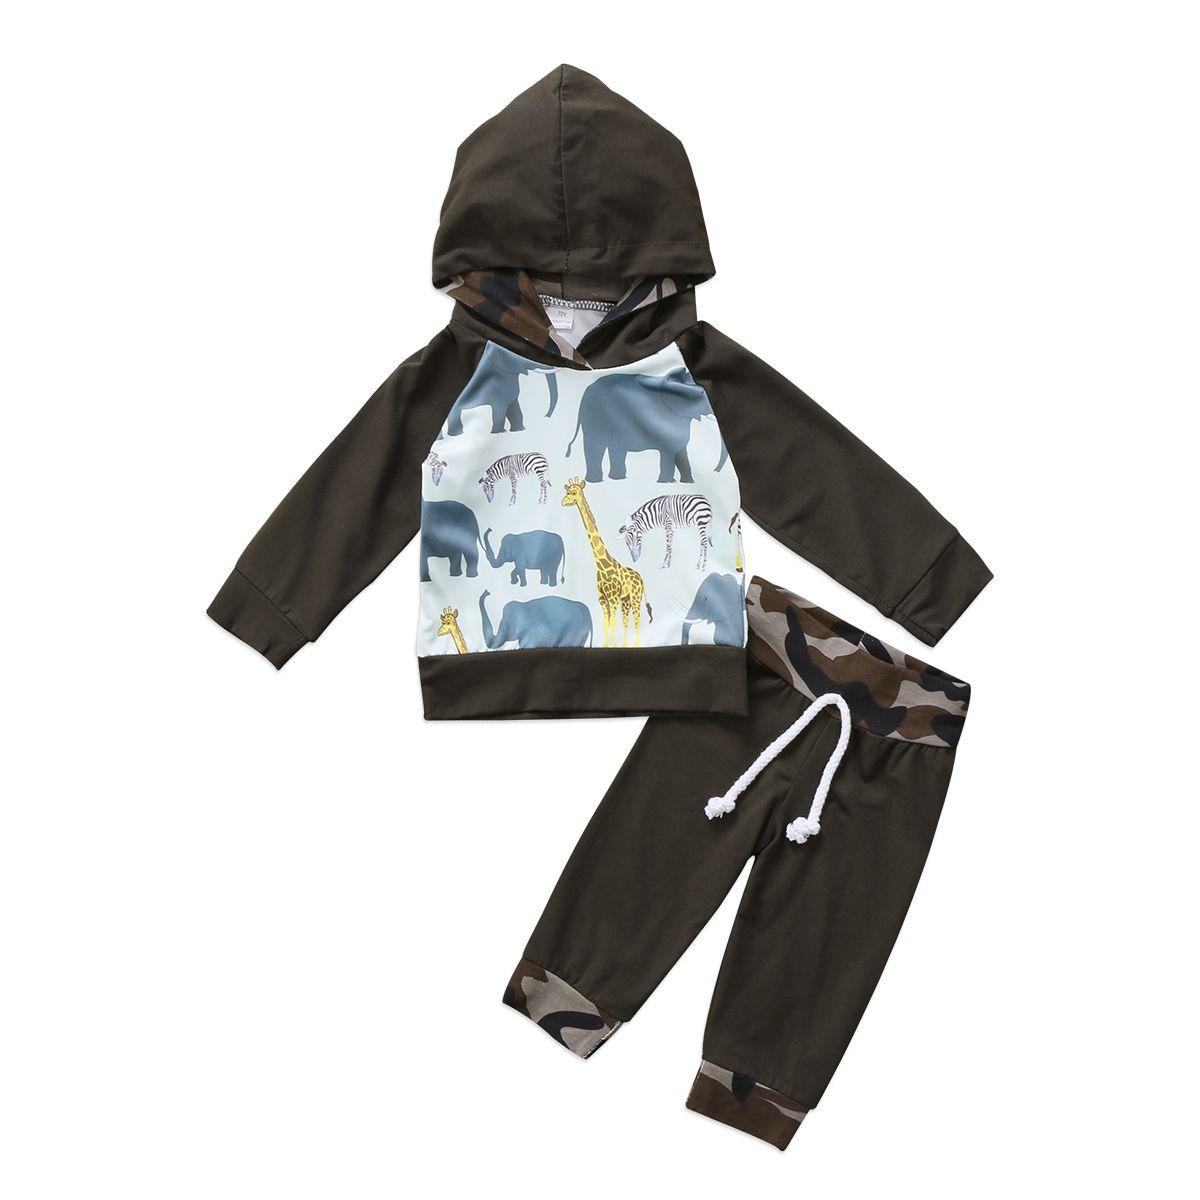 Animales de la historieta del niño del bebé niño ropa de los muchachos con capucha de manga larga camiseta de las tapas pantalones de camuflaje Trajes 2pcs